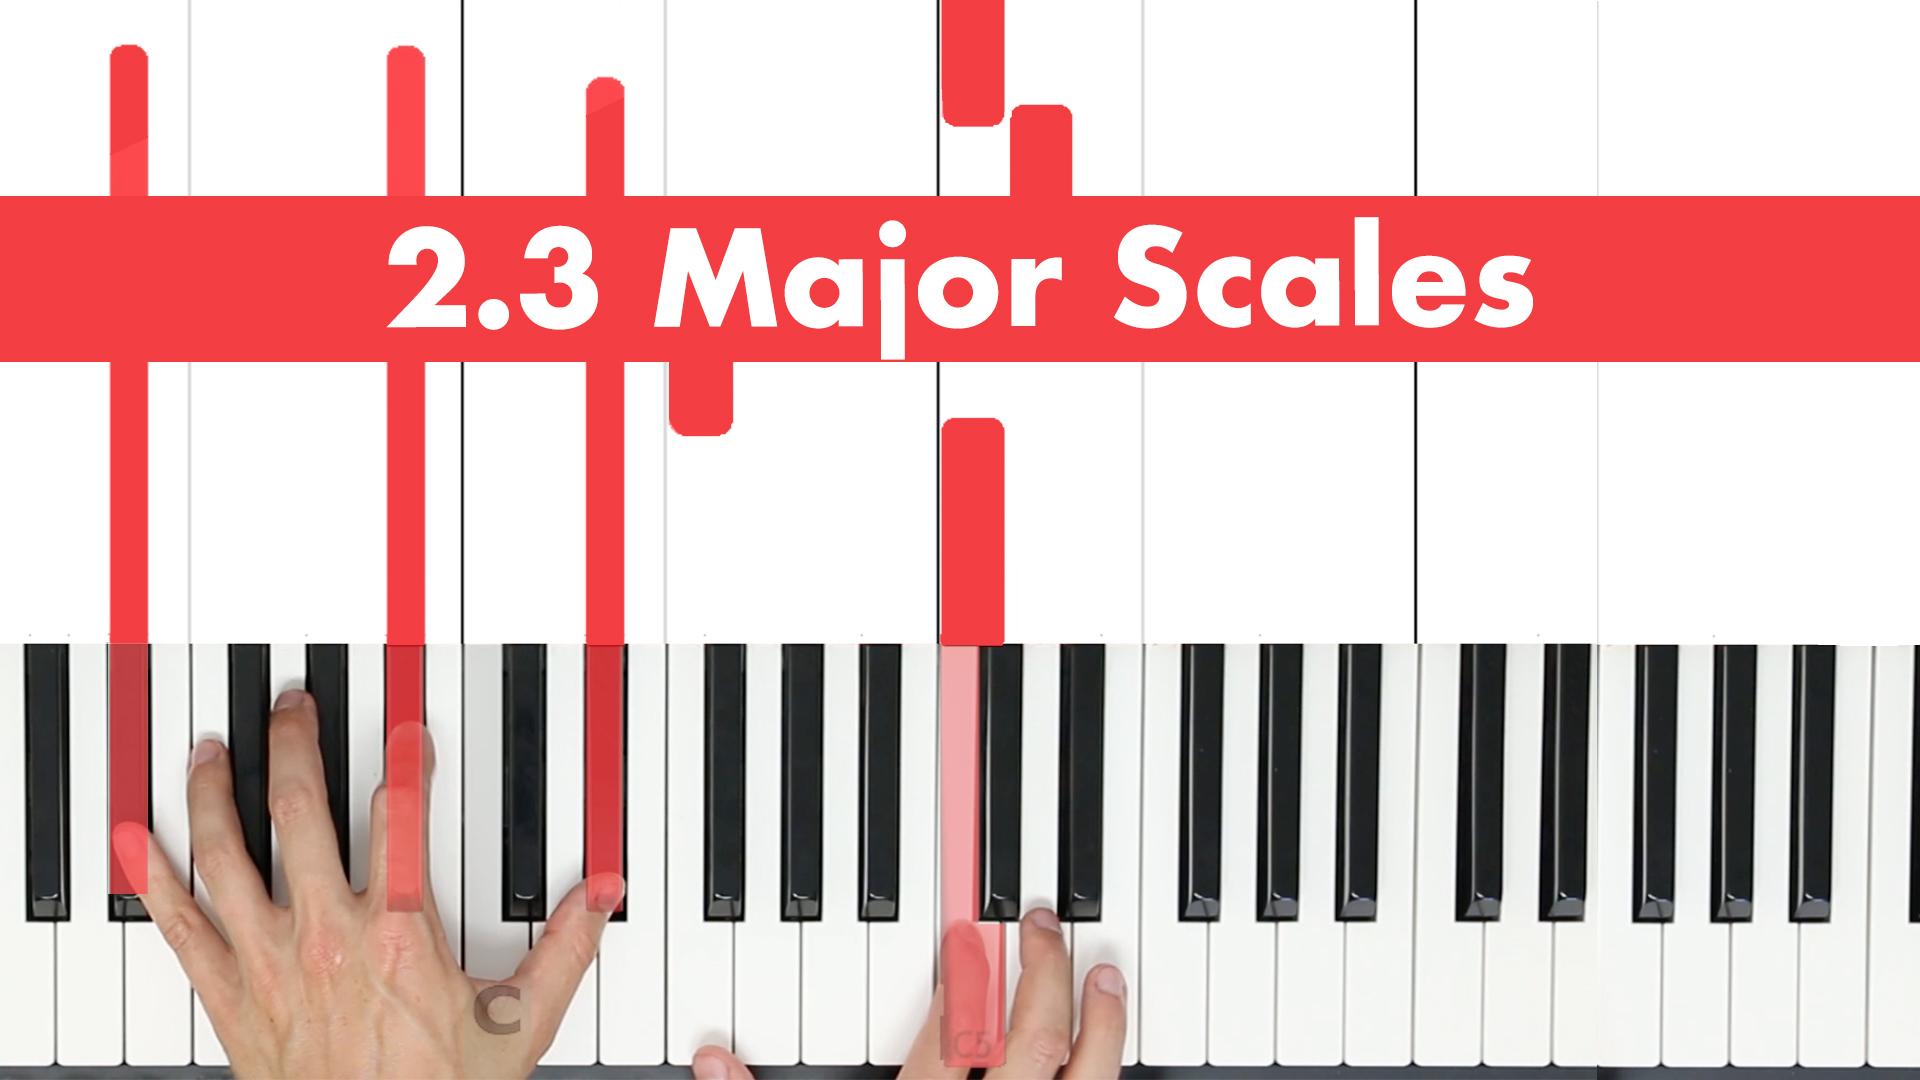 2.3 Major Scales